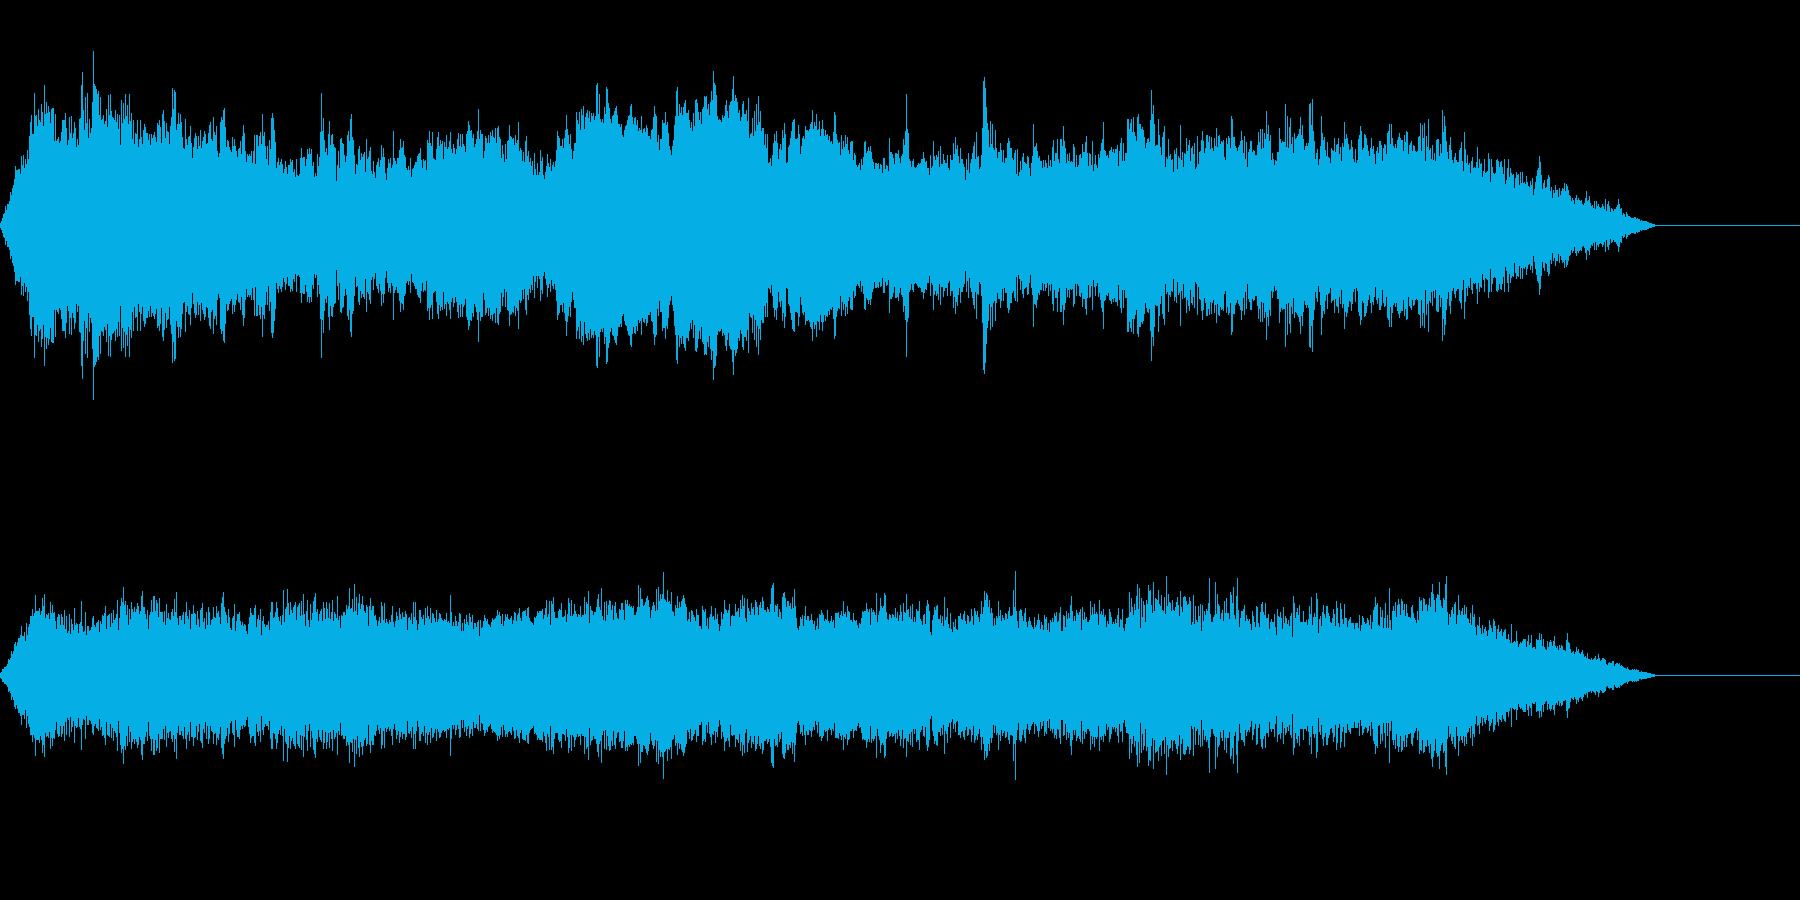 テクノロジー、ミステリアス、技術紹介、③の再生済みの波形